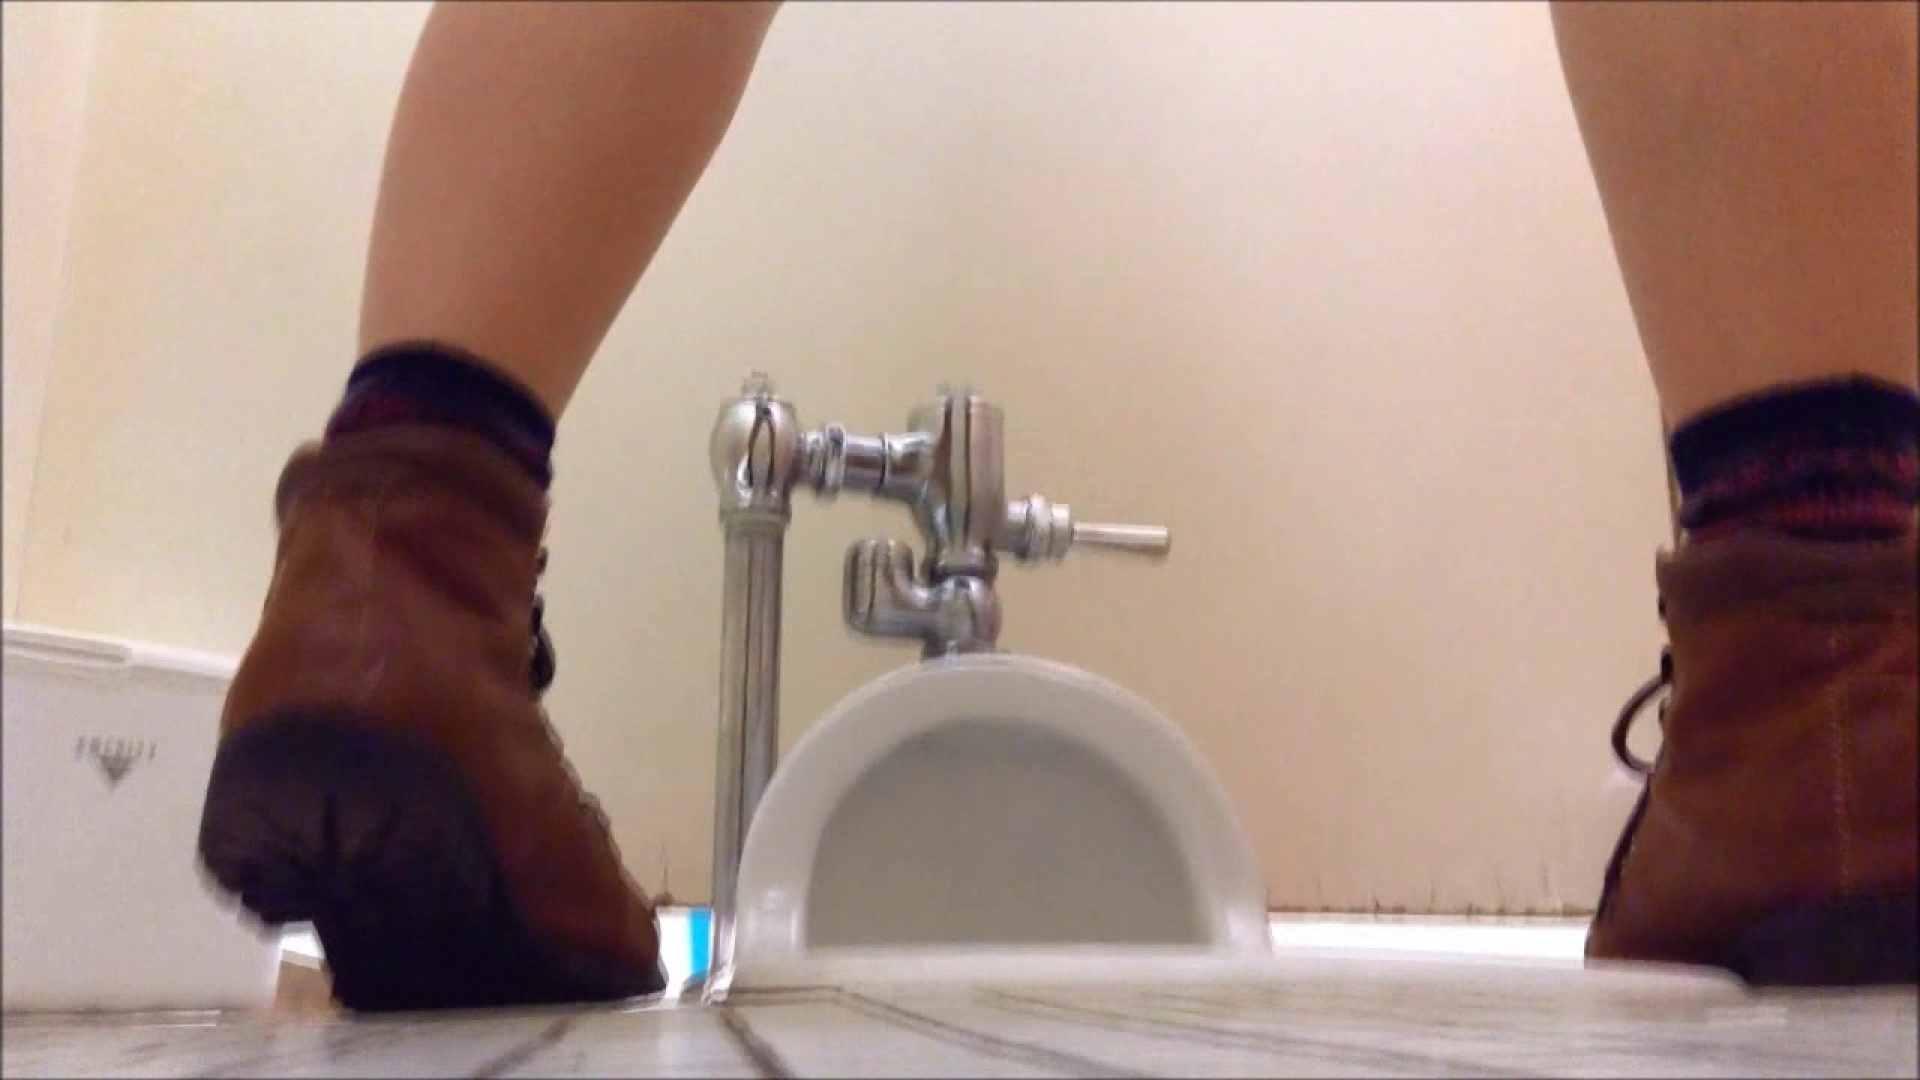 某有名大学女性洗面所 vol.12 丸見え 濡れ場動画紹介 96画像 57